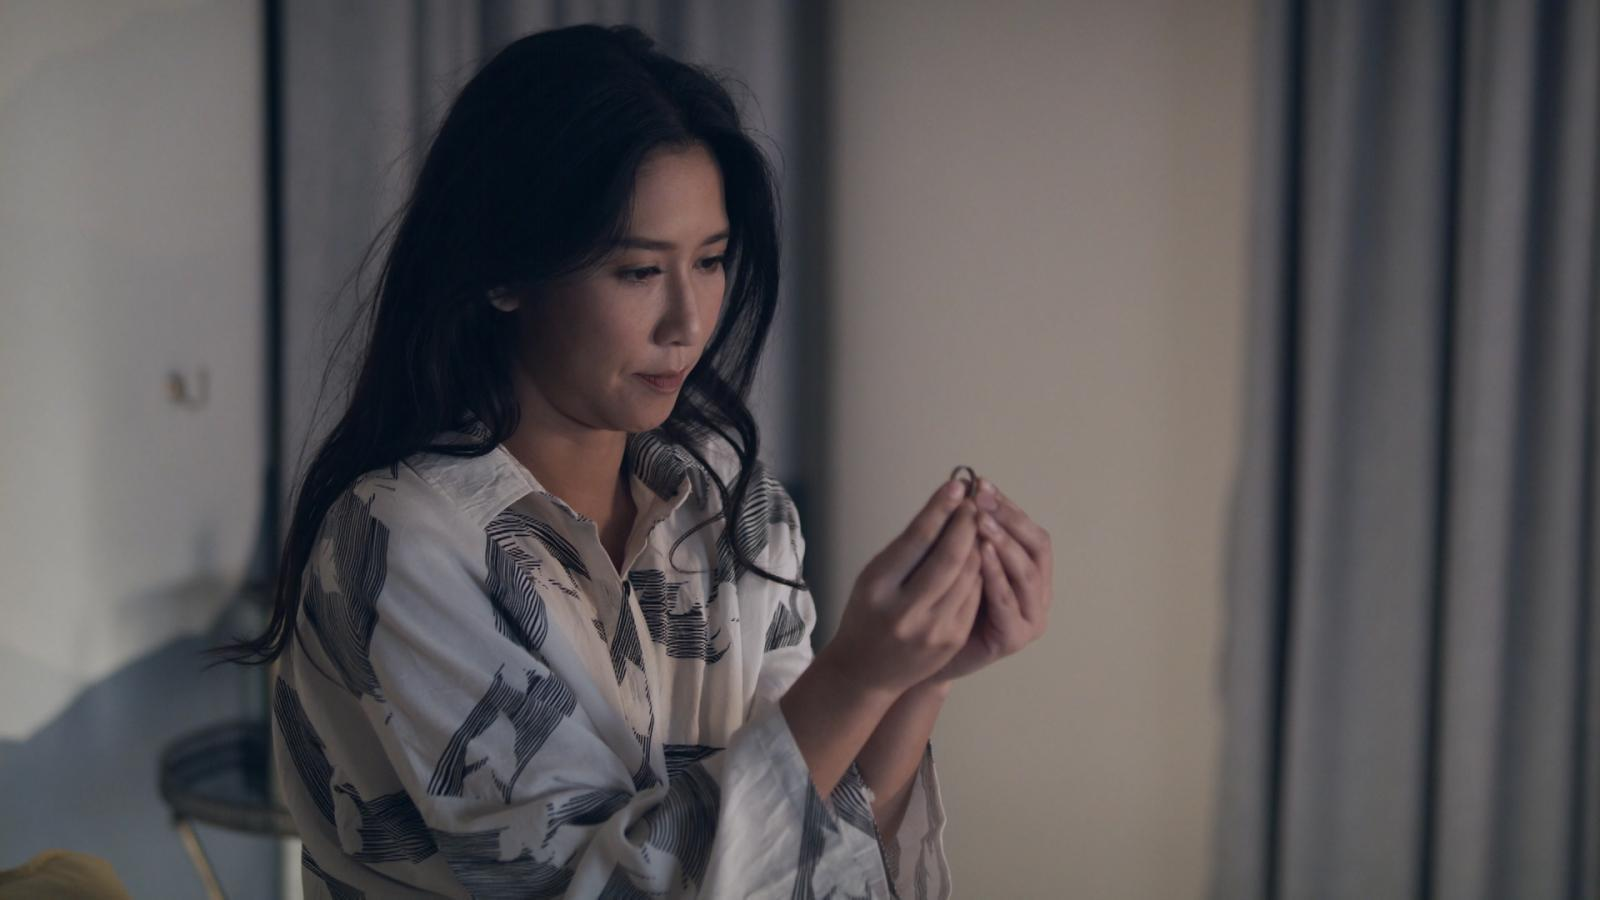 ฟินสุด | เมื่อลองสวมแหวนวิเศษครั้งแรก | กลับไปสู่วันฝัน EP.3 | PPTV HD 36